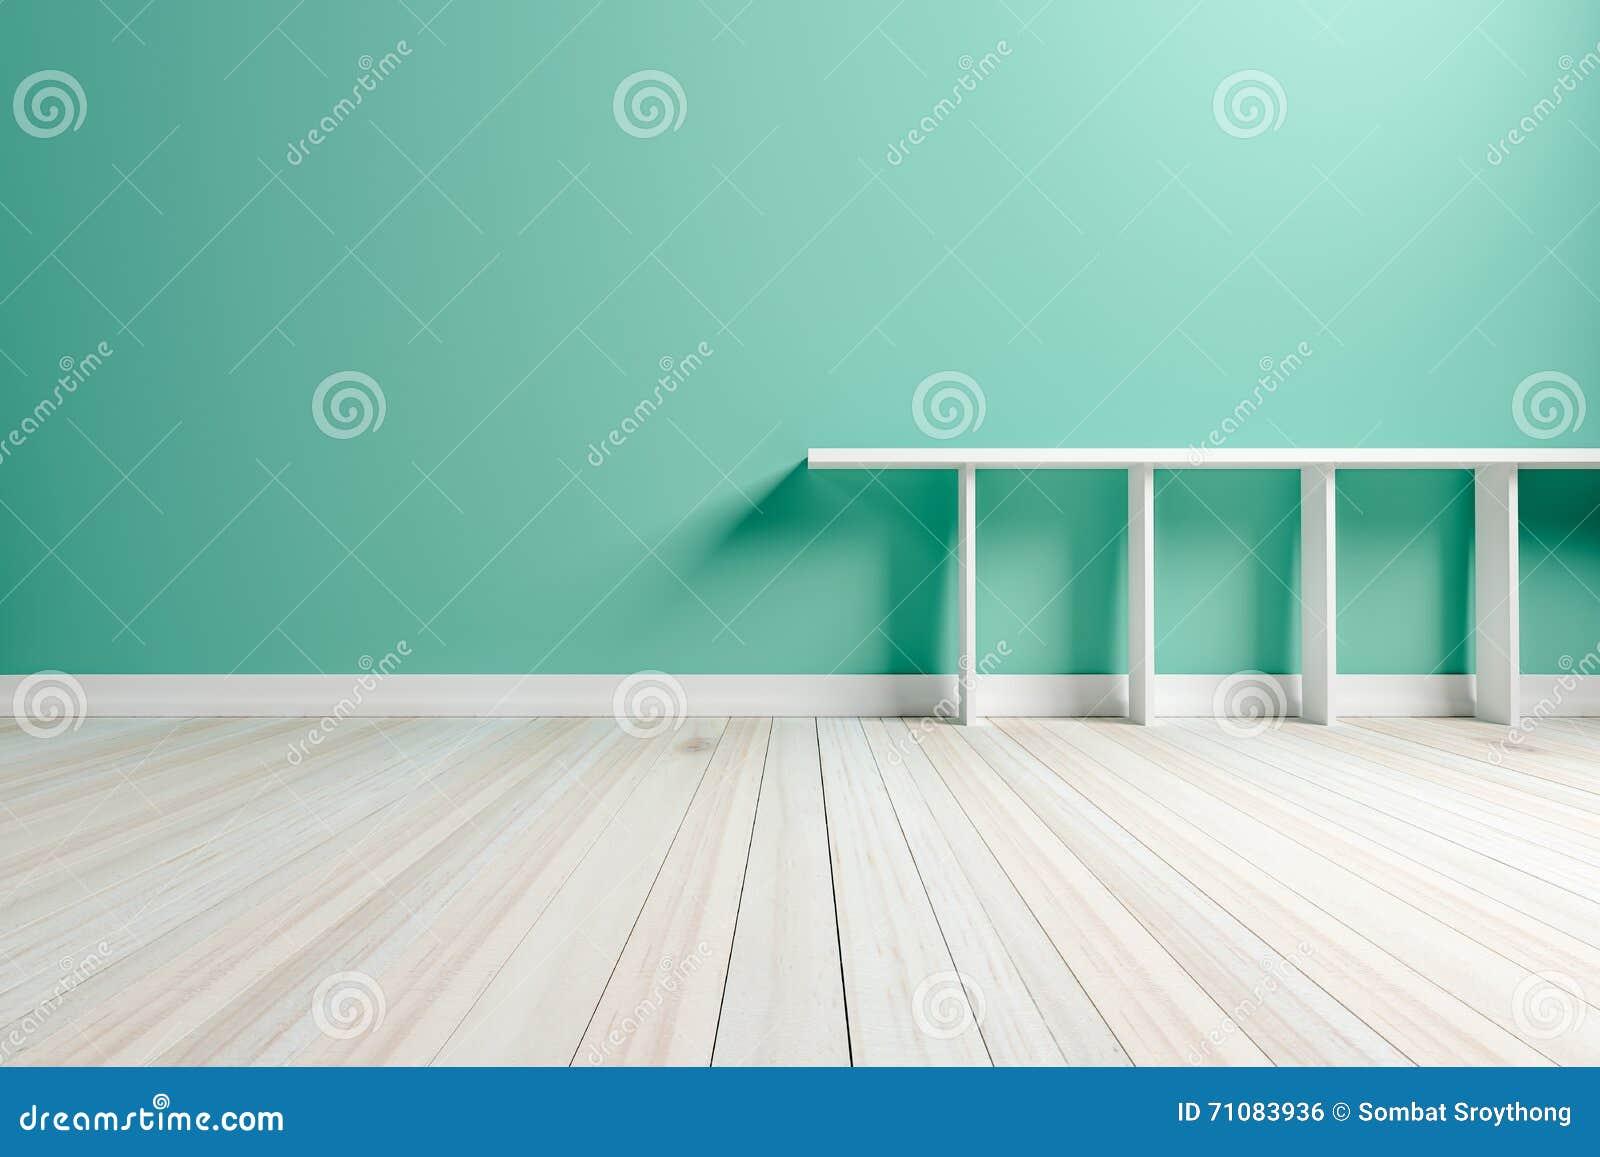 Lege binnenlandse lichtgroene ruimte witte witte plank en houten